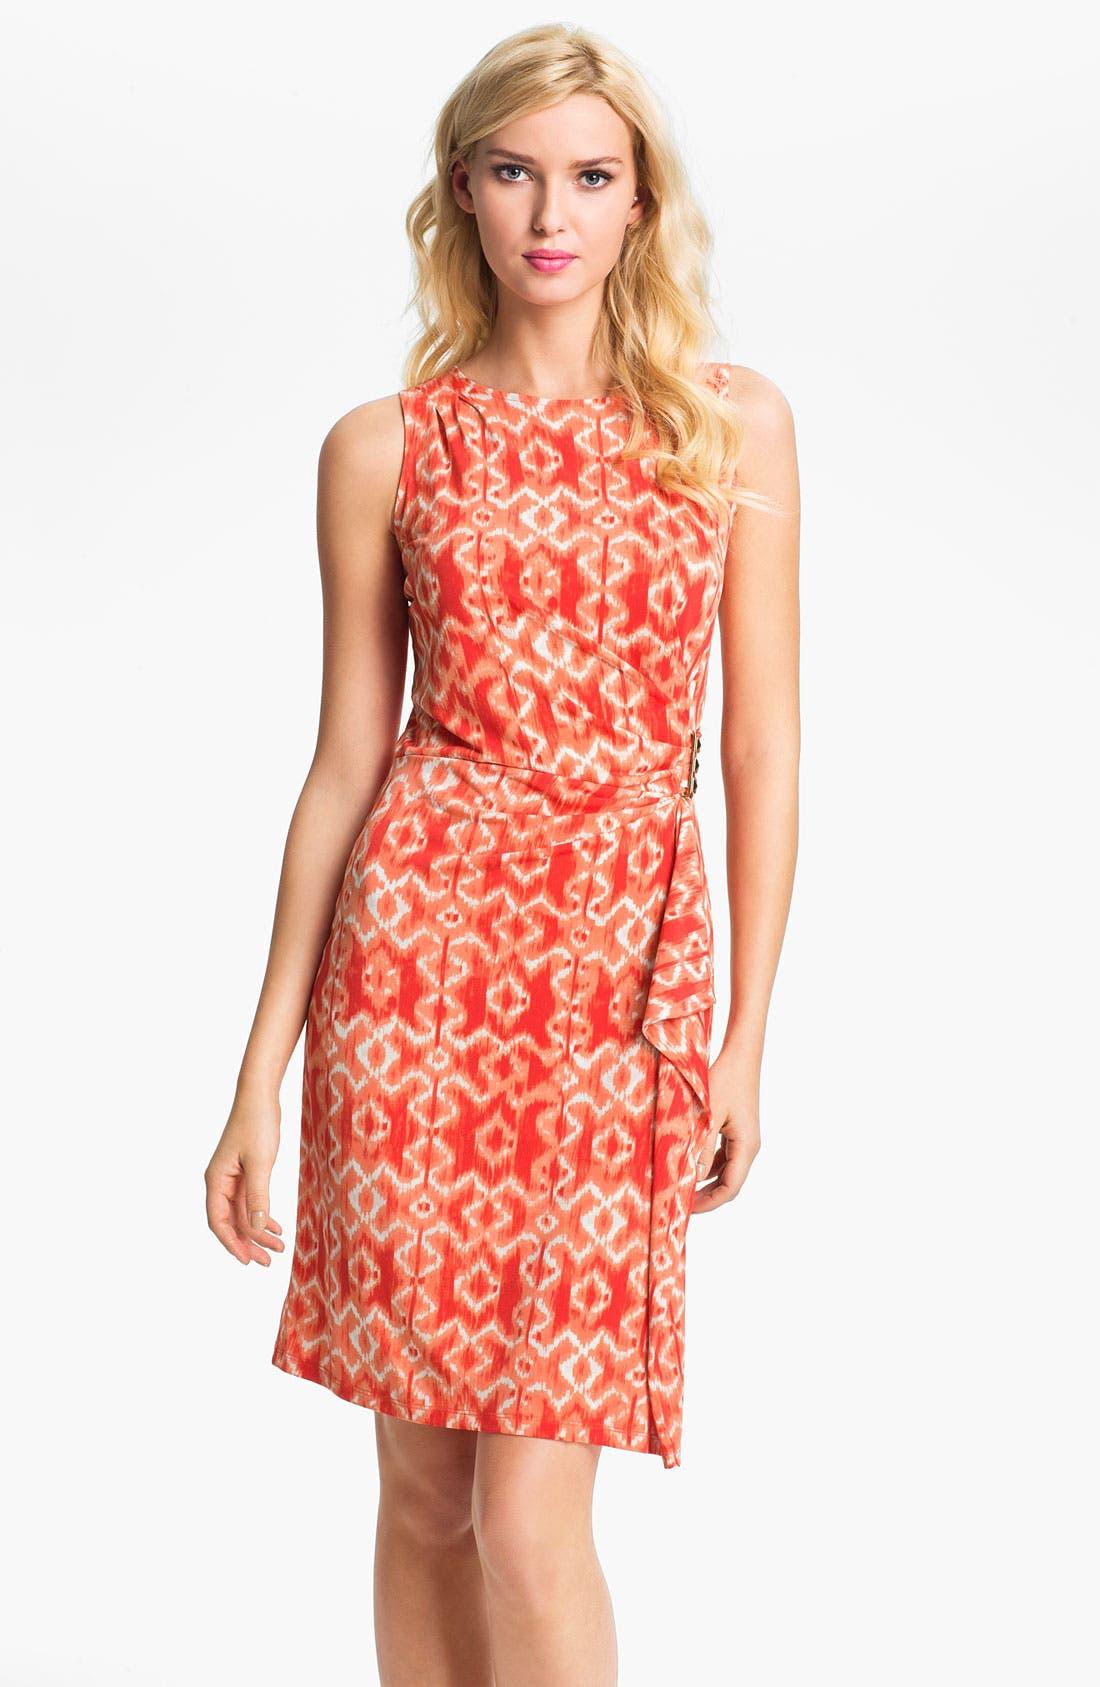 Alternate Image 1 Selected - MICHAEL Michael Kors Ikat Print Dress